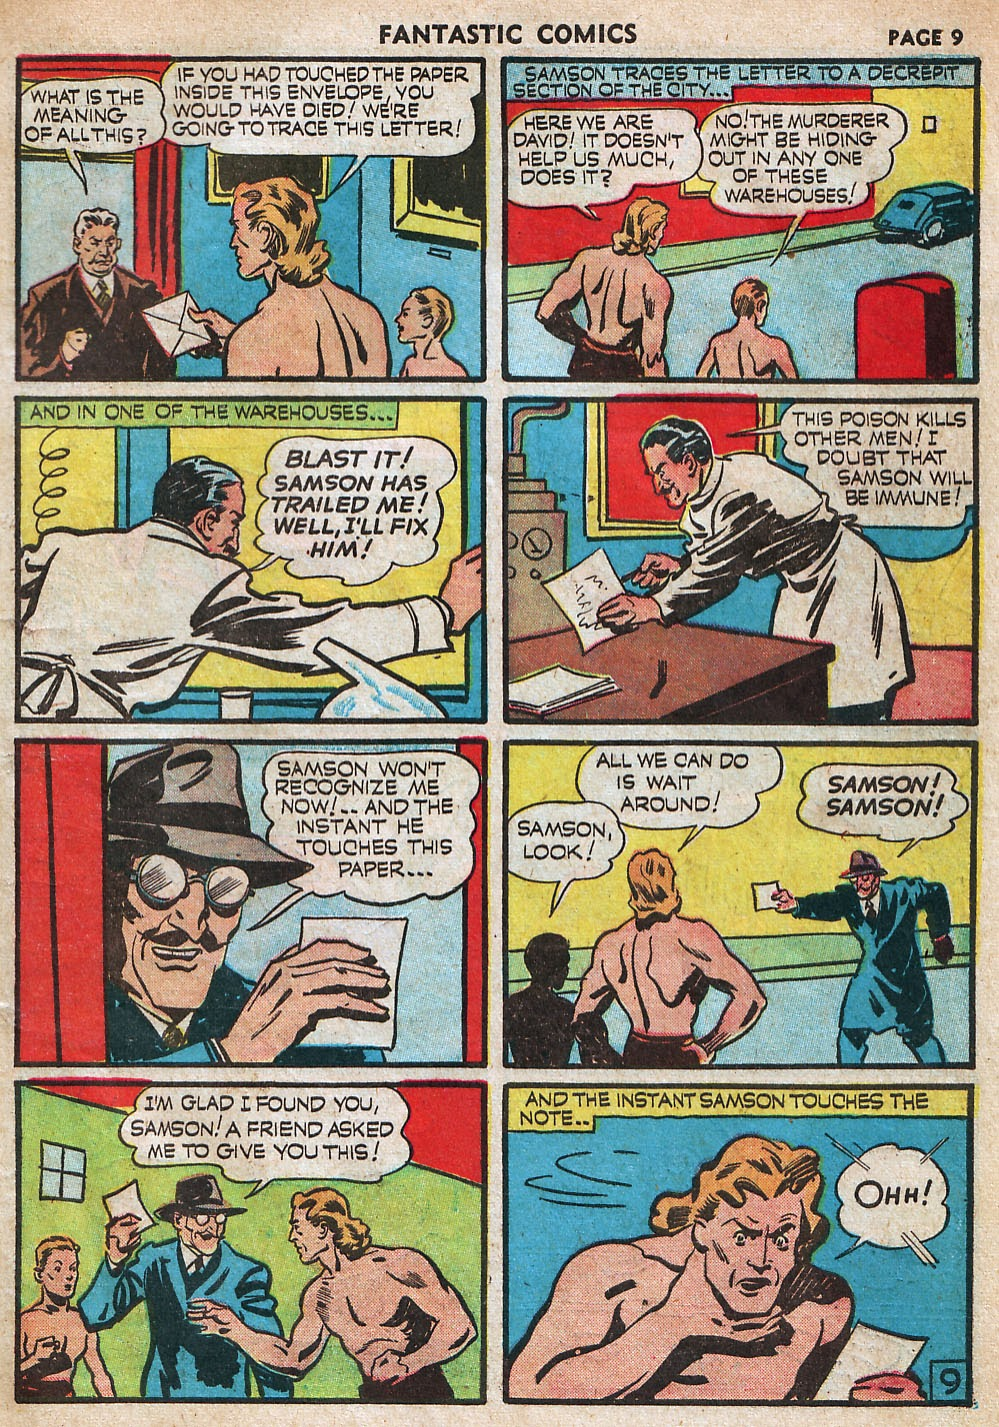 Read online Fantastic Comics comic -  Issue #18 - 11